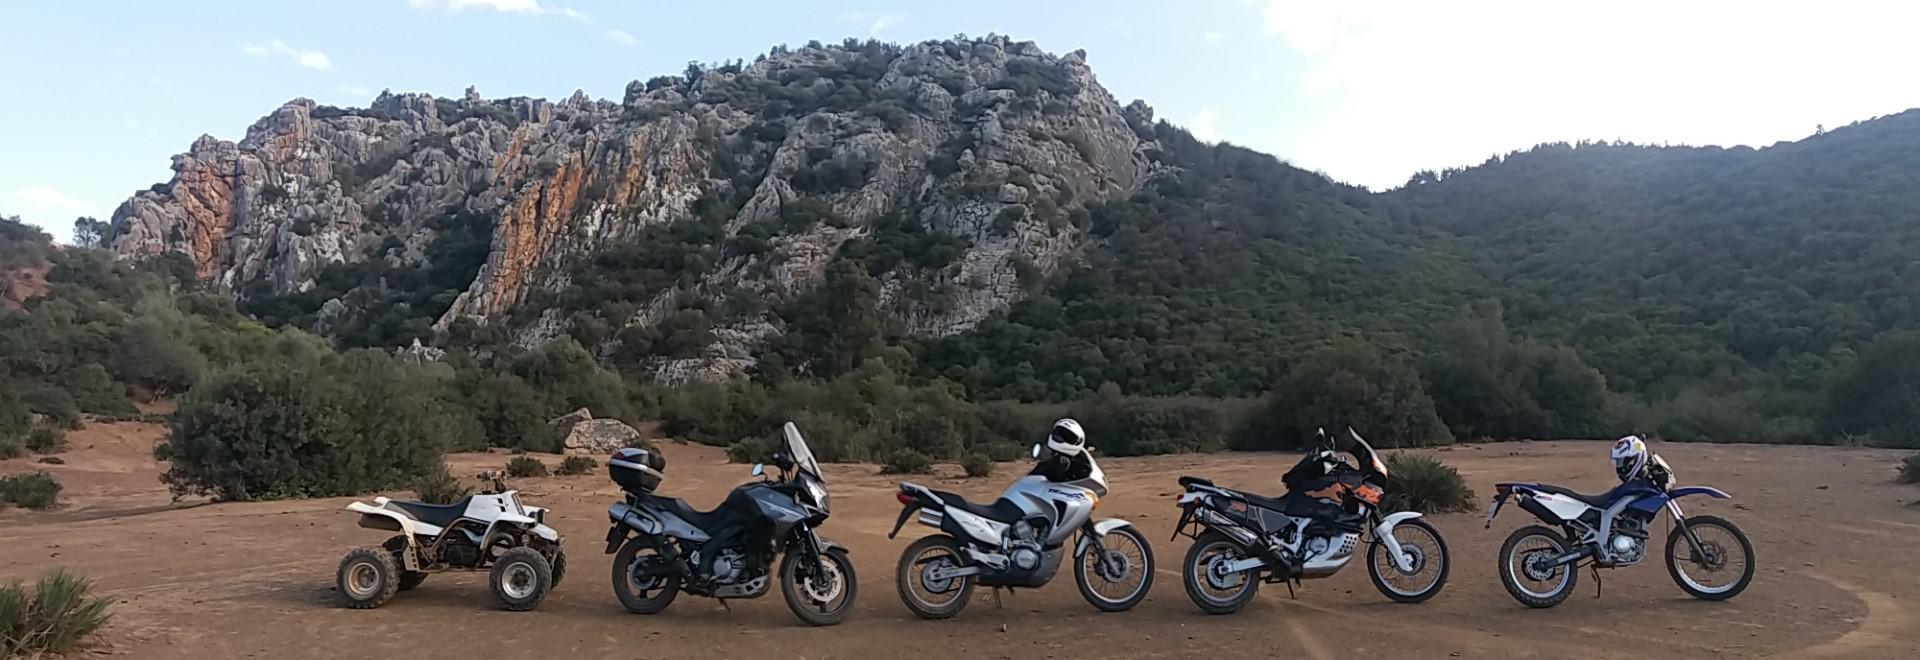 quelles-sont-les-meilleures-motos-pour-le-maroc-127-1.jpg